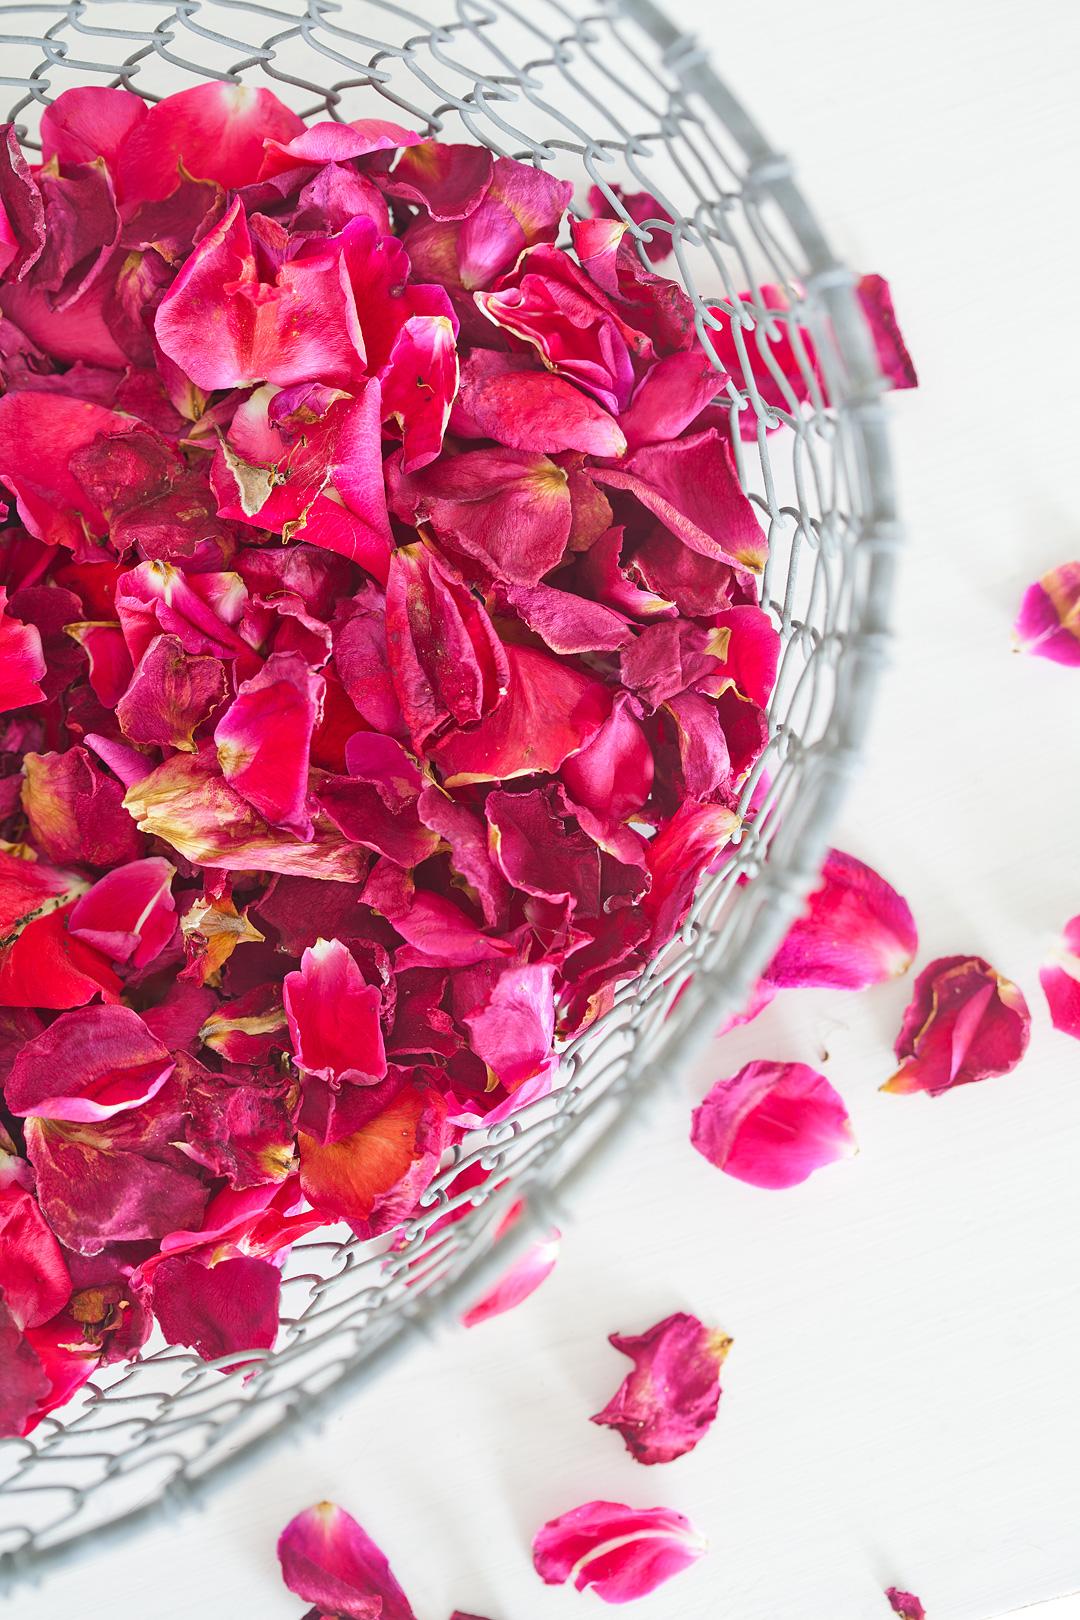 Rosepetals2©Anna-Lefvert